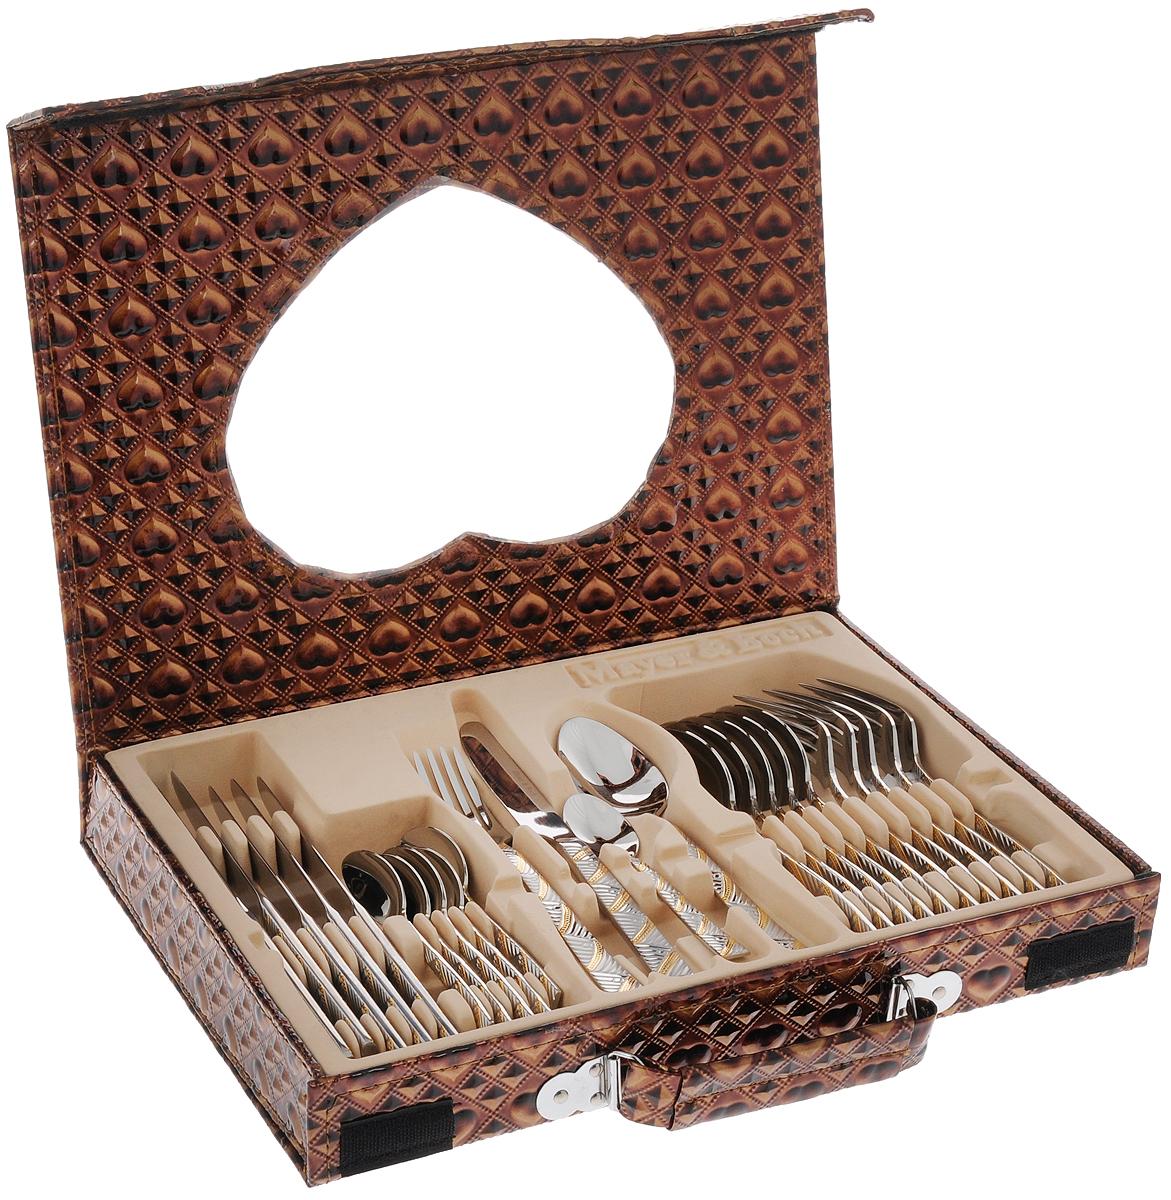 Набор столовых приборов Mayer & Boch, 25 предметов. 2222Набор Mayer & Boch, выполненный из высококачественной нержавеющей стали, состоит из 24 предметов: 6 столовых ножей, 6 столовых ложек, 6 столовых вилок и 6 чайных ложек. Ручки приборов украшены красивым рельефным узором. Прекрасное сочетание контрастного дизайна и удобство использования изделий придется по душе каждому. Набор столовых приборов Mayer & Boch упакован в подарочную коробку в виде чемодана, что делает его очень презентабельным. Этот набор подойдет для сервировки стола как дома, так и на даче и всегда будет важной частью трапезы, а также станет замечательным подарком. Можно мыть в посудомоечной машине. Длина ножа: 22,2 см. Длина лезвия ножа: 6 см. Длина столовой ложки: 20,5 см. Длина вилки: 20,5 см. Длина чайной ложки: 14 см.